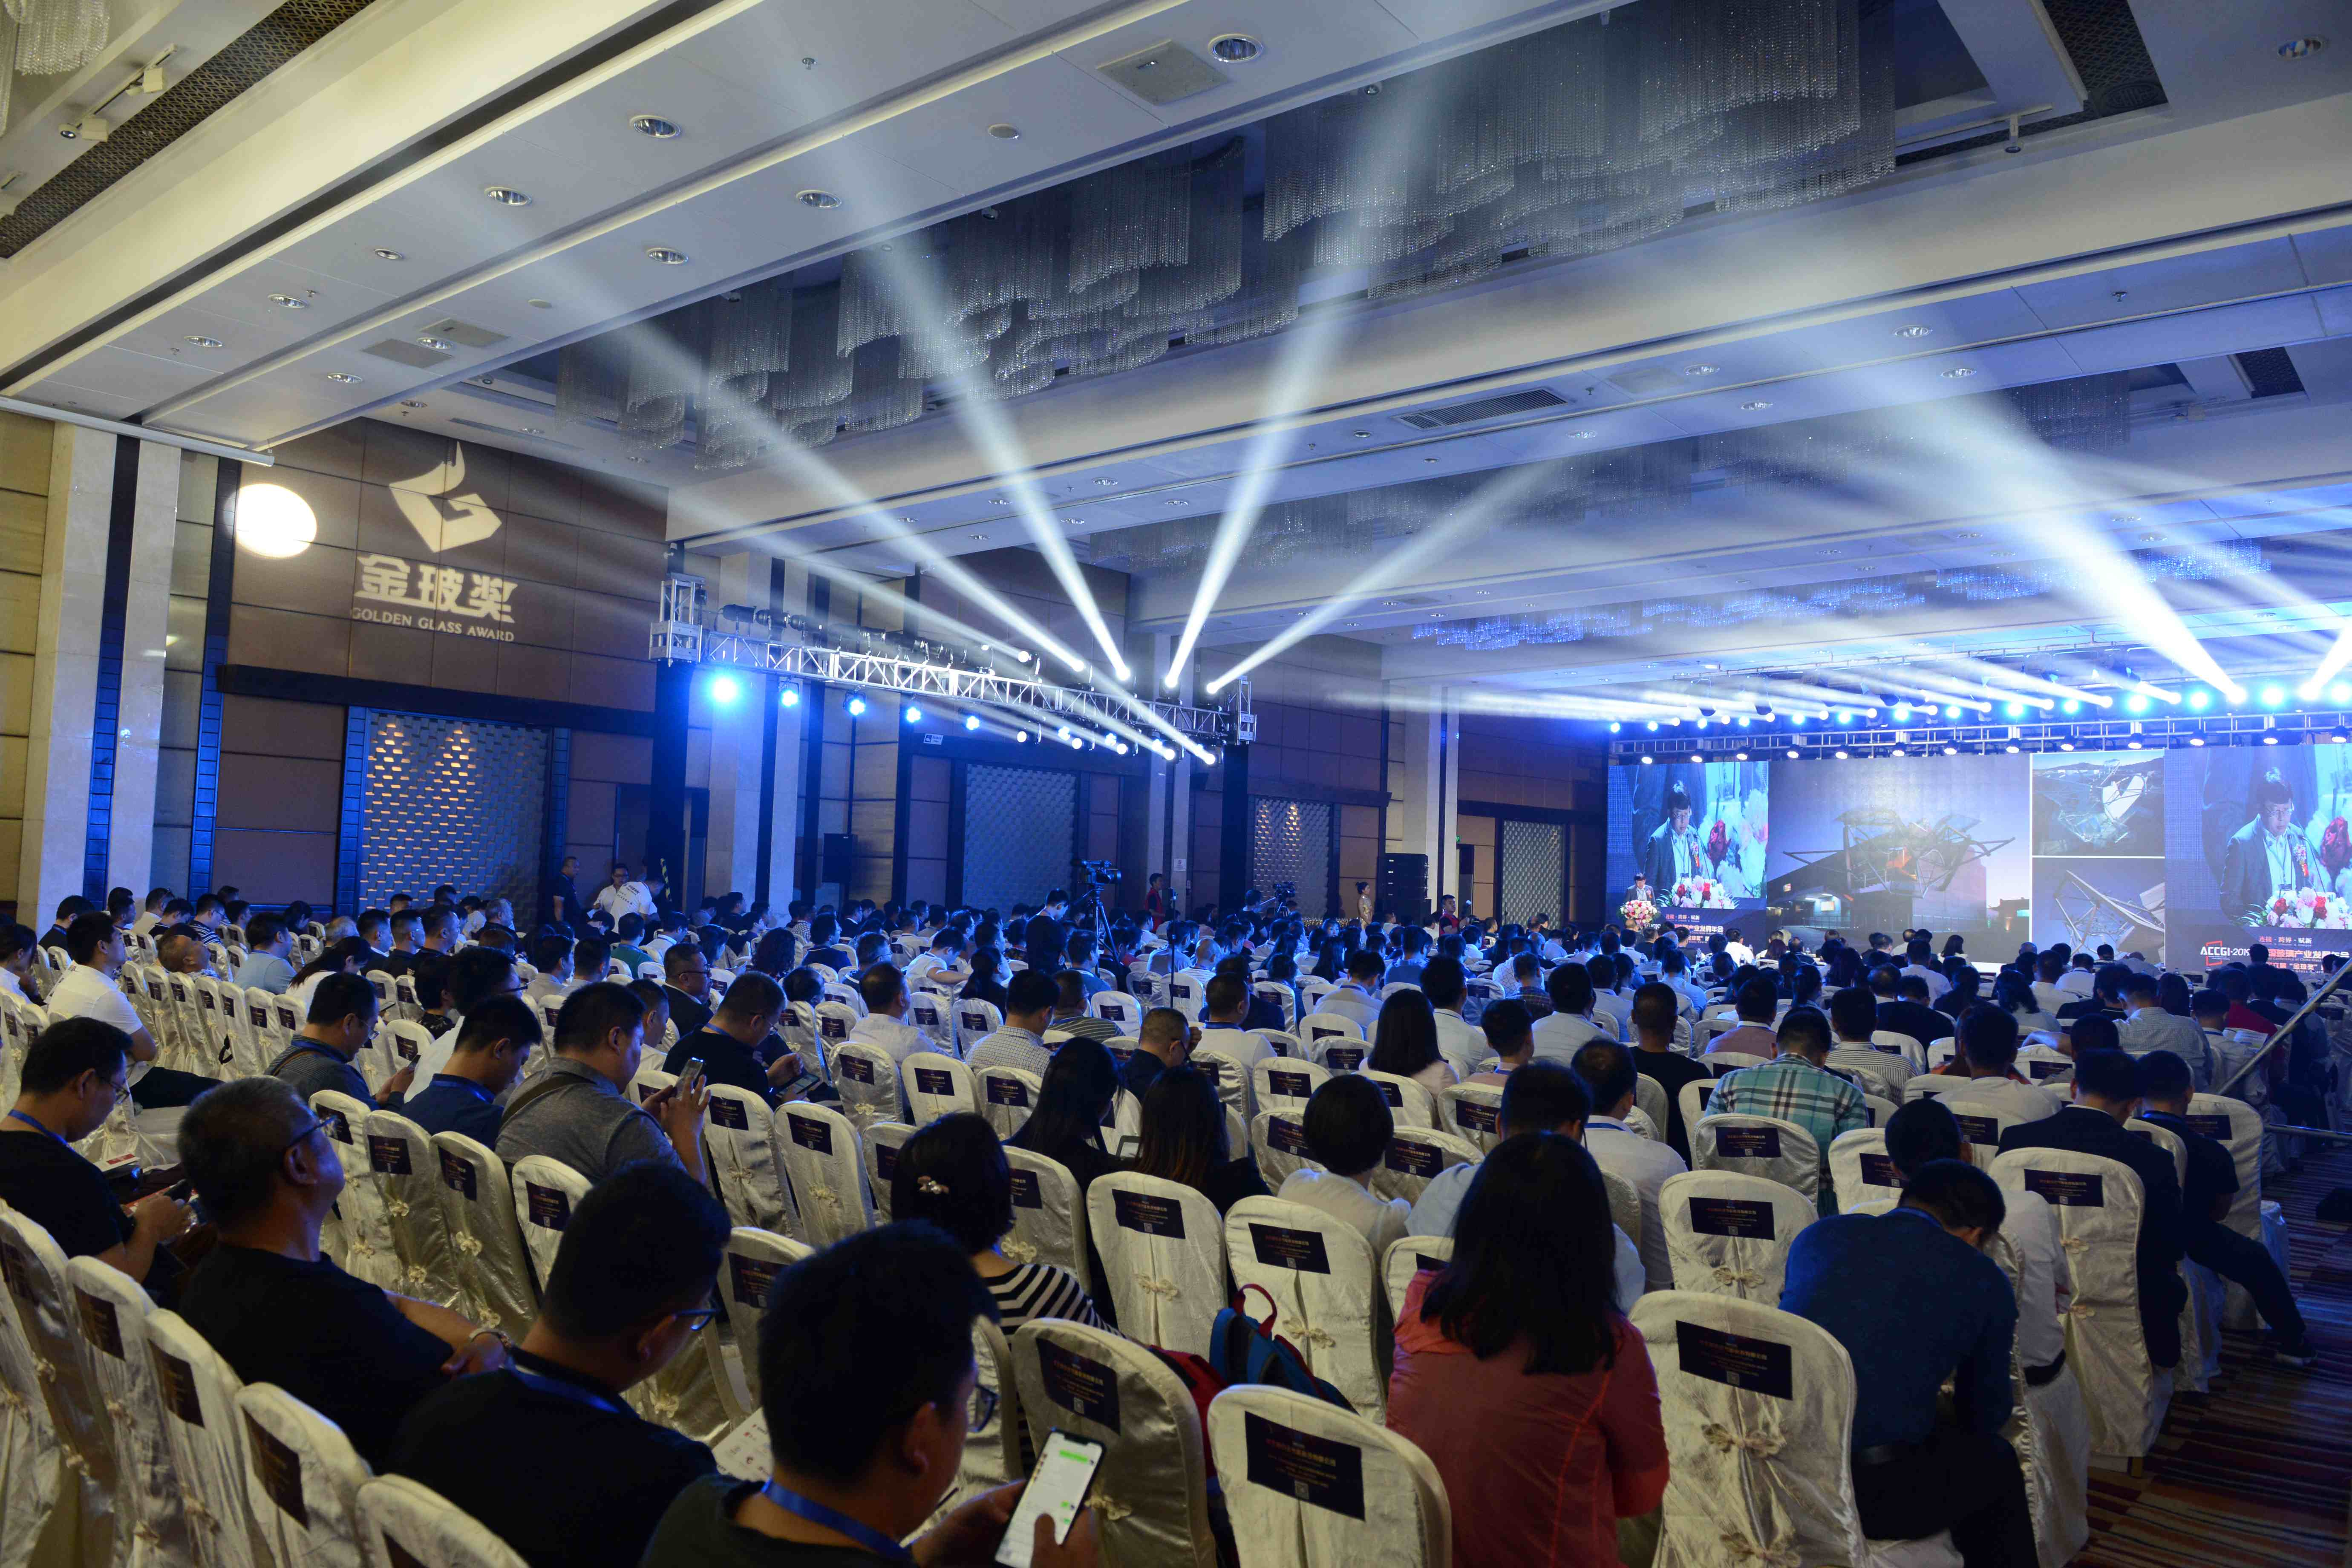 中国玻璃产业发展年会文图-中国玻璃产业发展年会文图-ADP_2361_副本